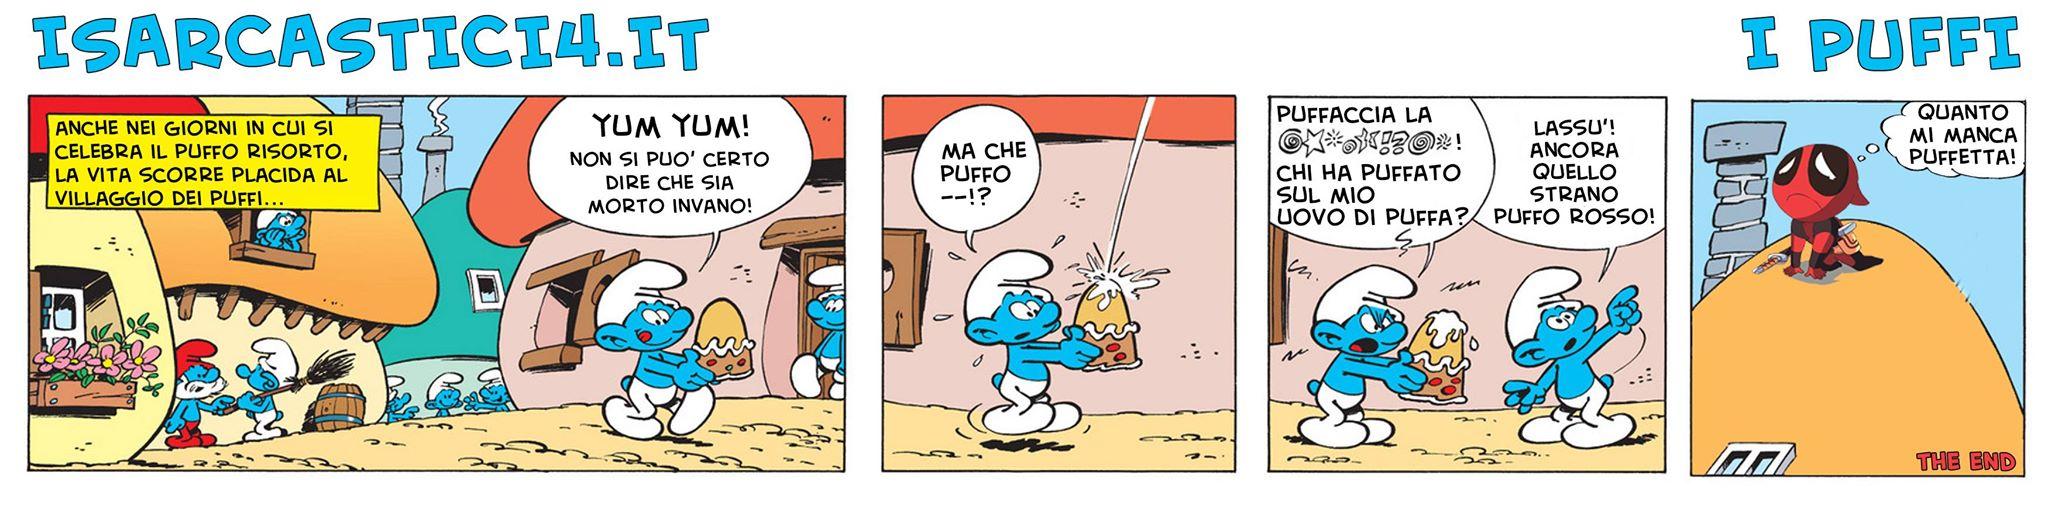 I puffi / The Smurfs - Natale con i tuoi, Puffa con chi vuoi